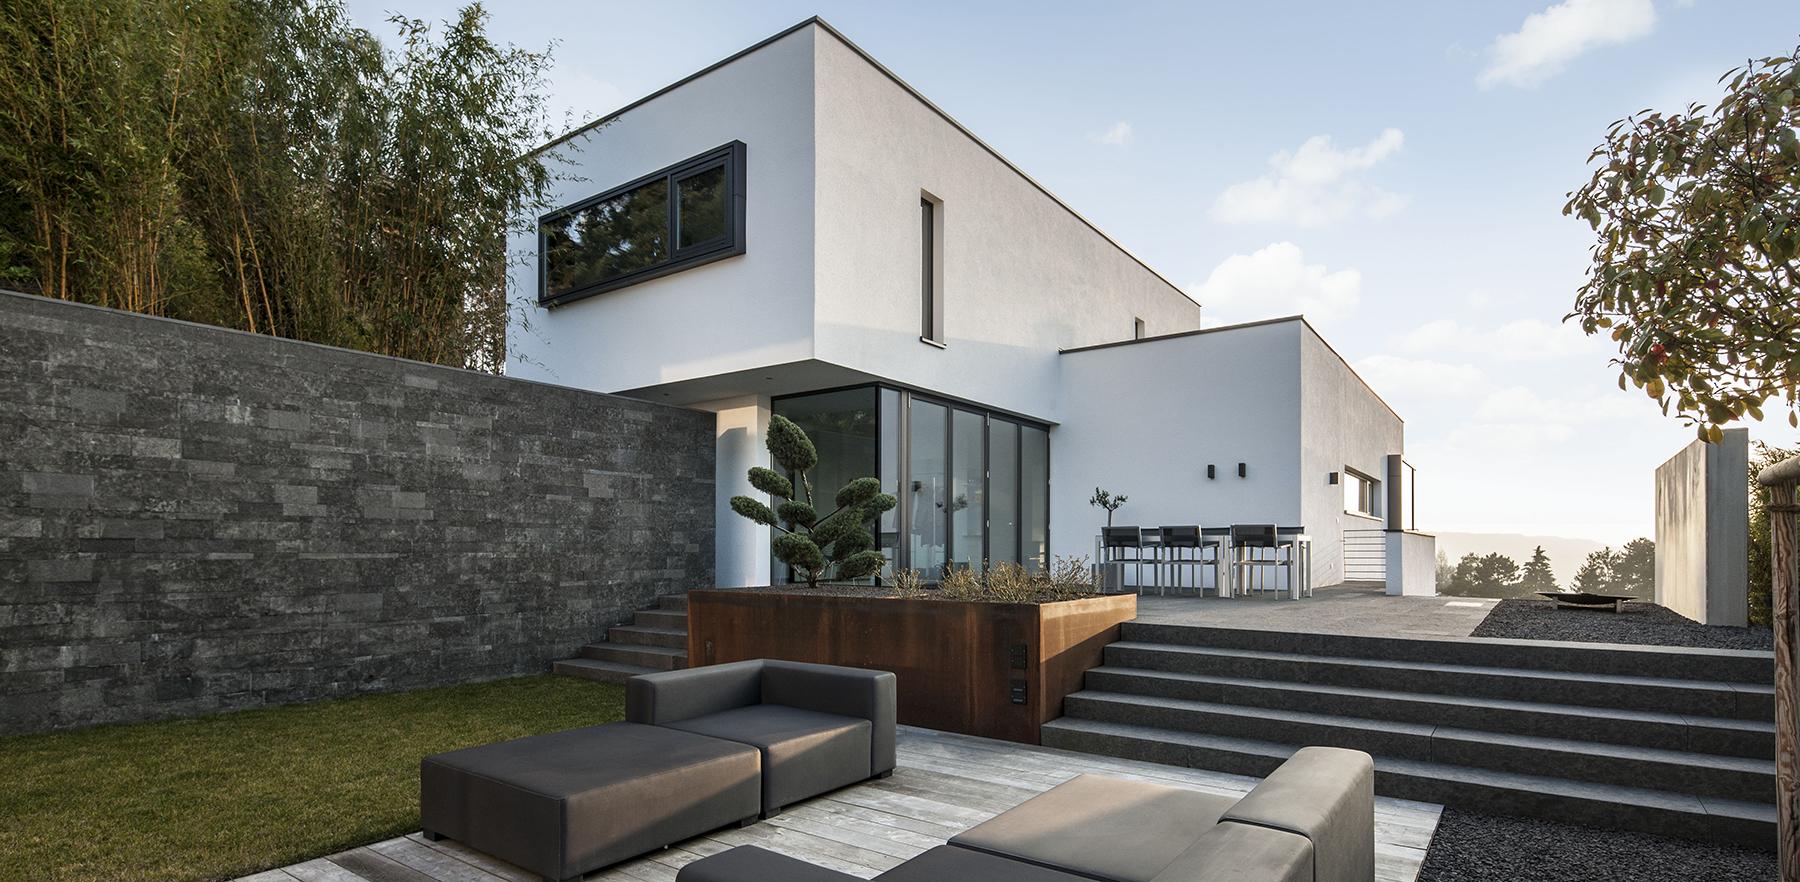 Jk Architekten Haus Rissen – Startseite Design Bilder